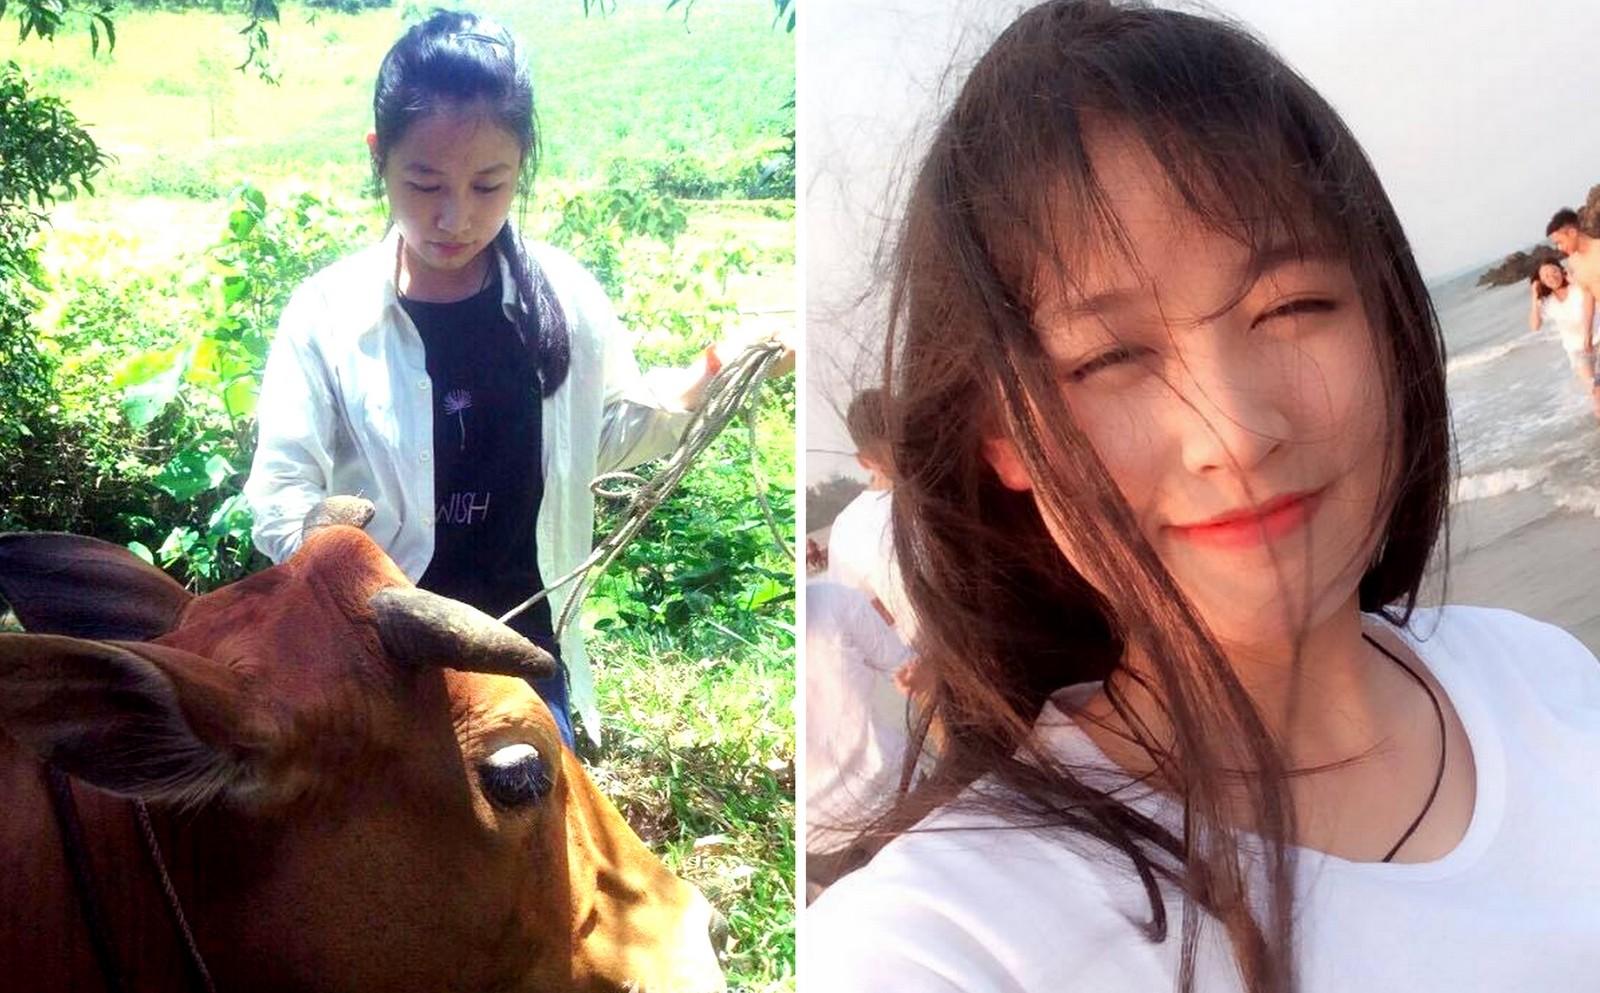 Chuyện cổ tích về nữ sinh nghèo chăn bò xứ Nghệ đạt 30 điểm khối C - Ảnh 1.